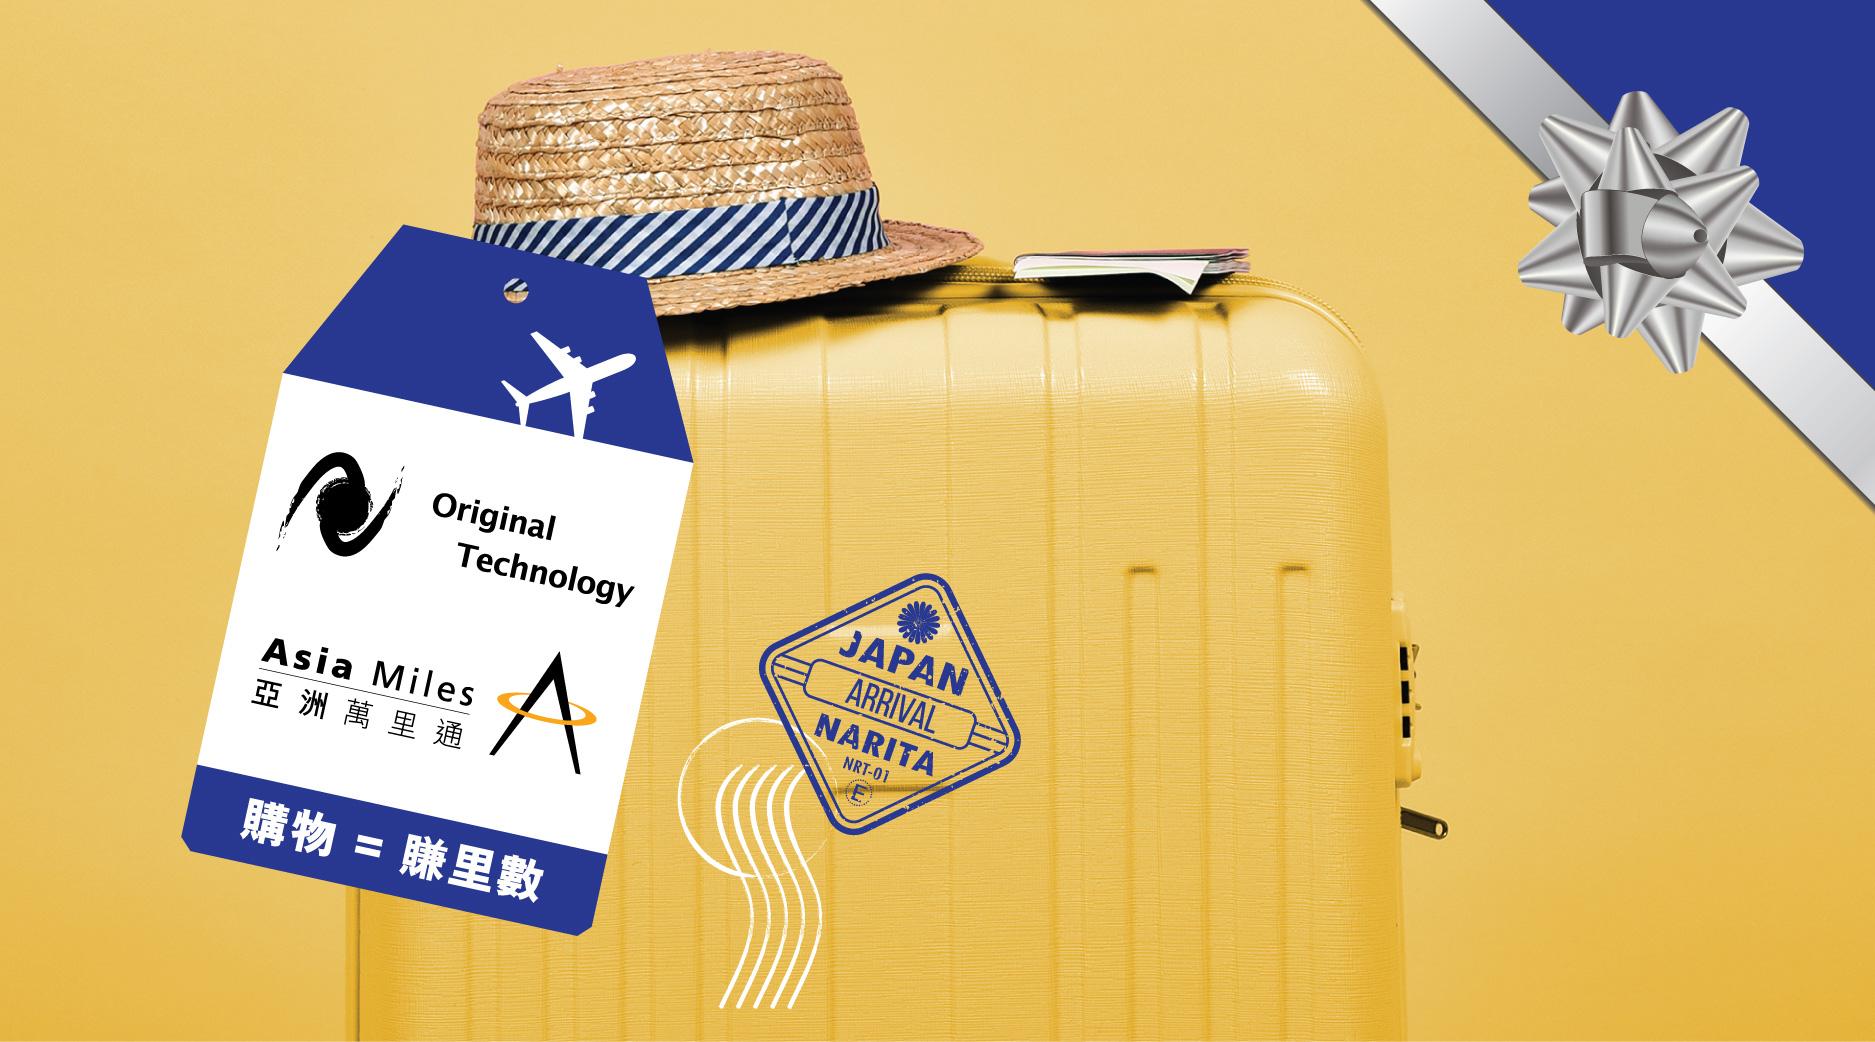 PR03_AsiaMiles_900x500_01_Case.jpg